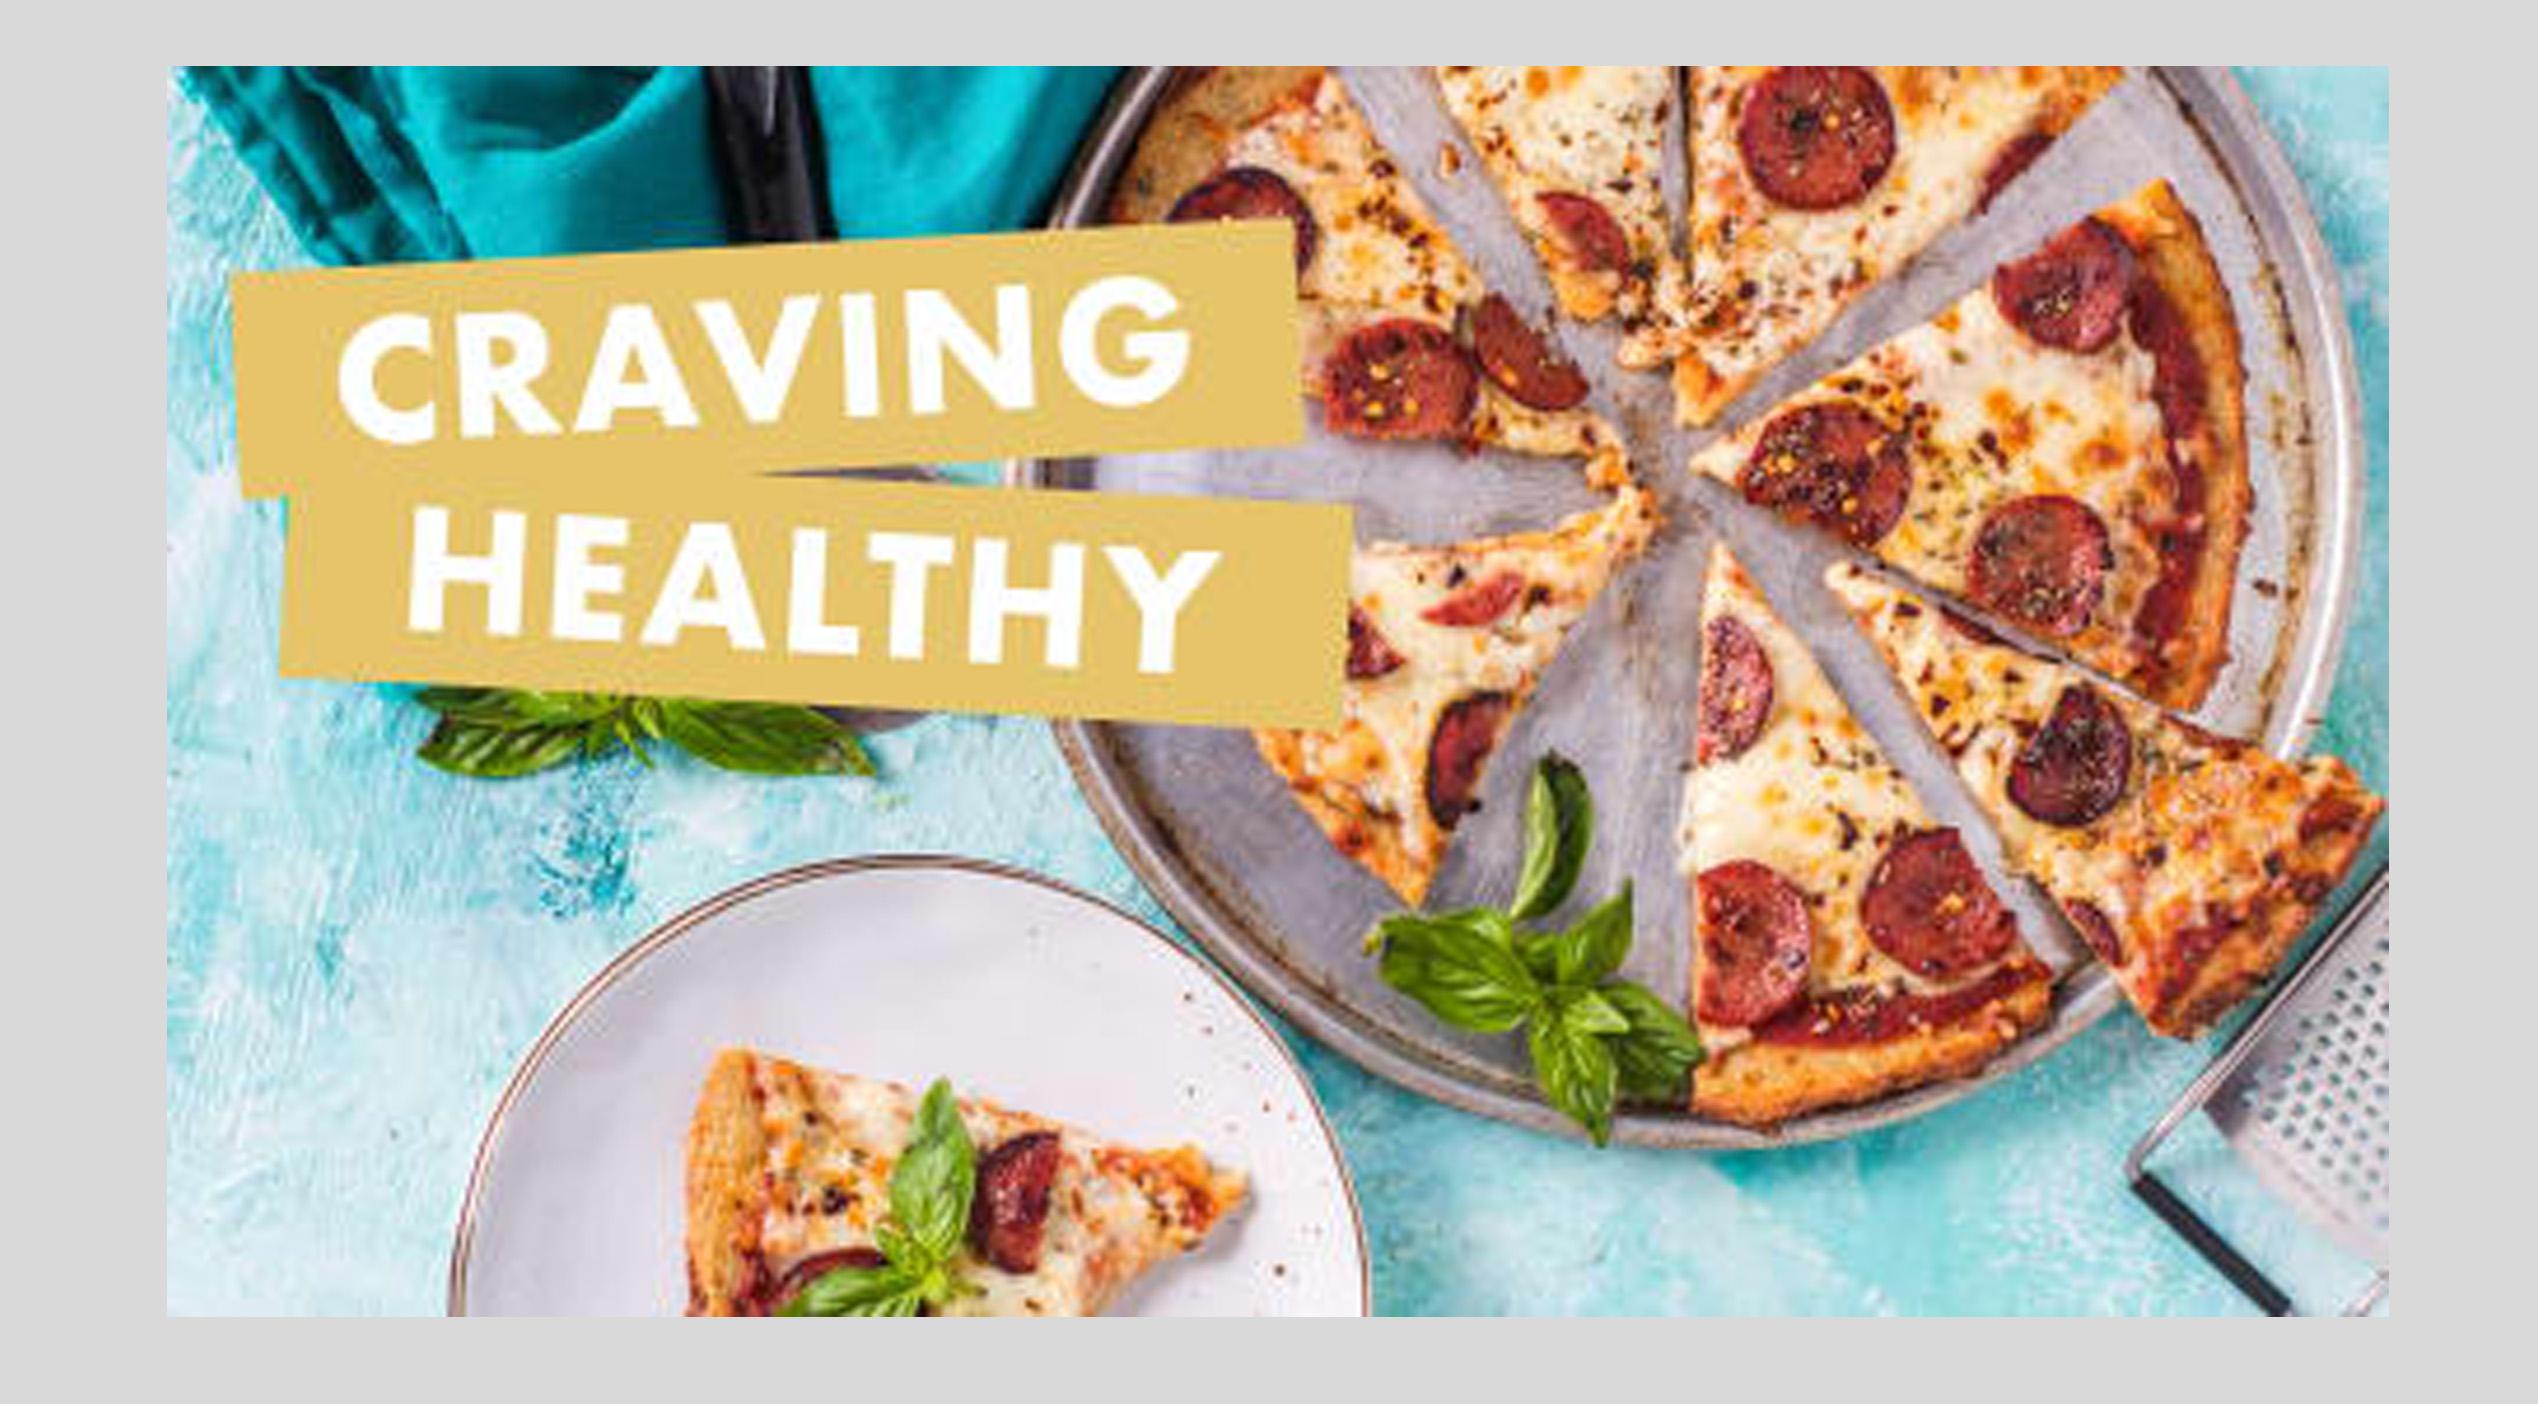 Craving Healthy